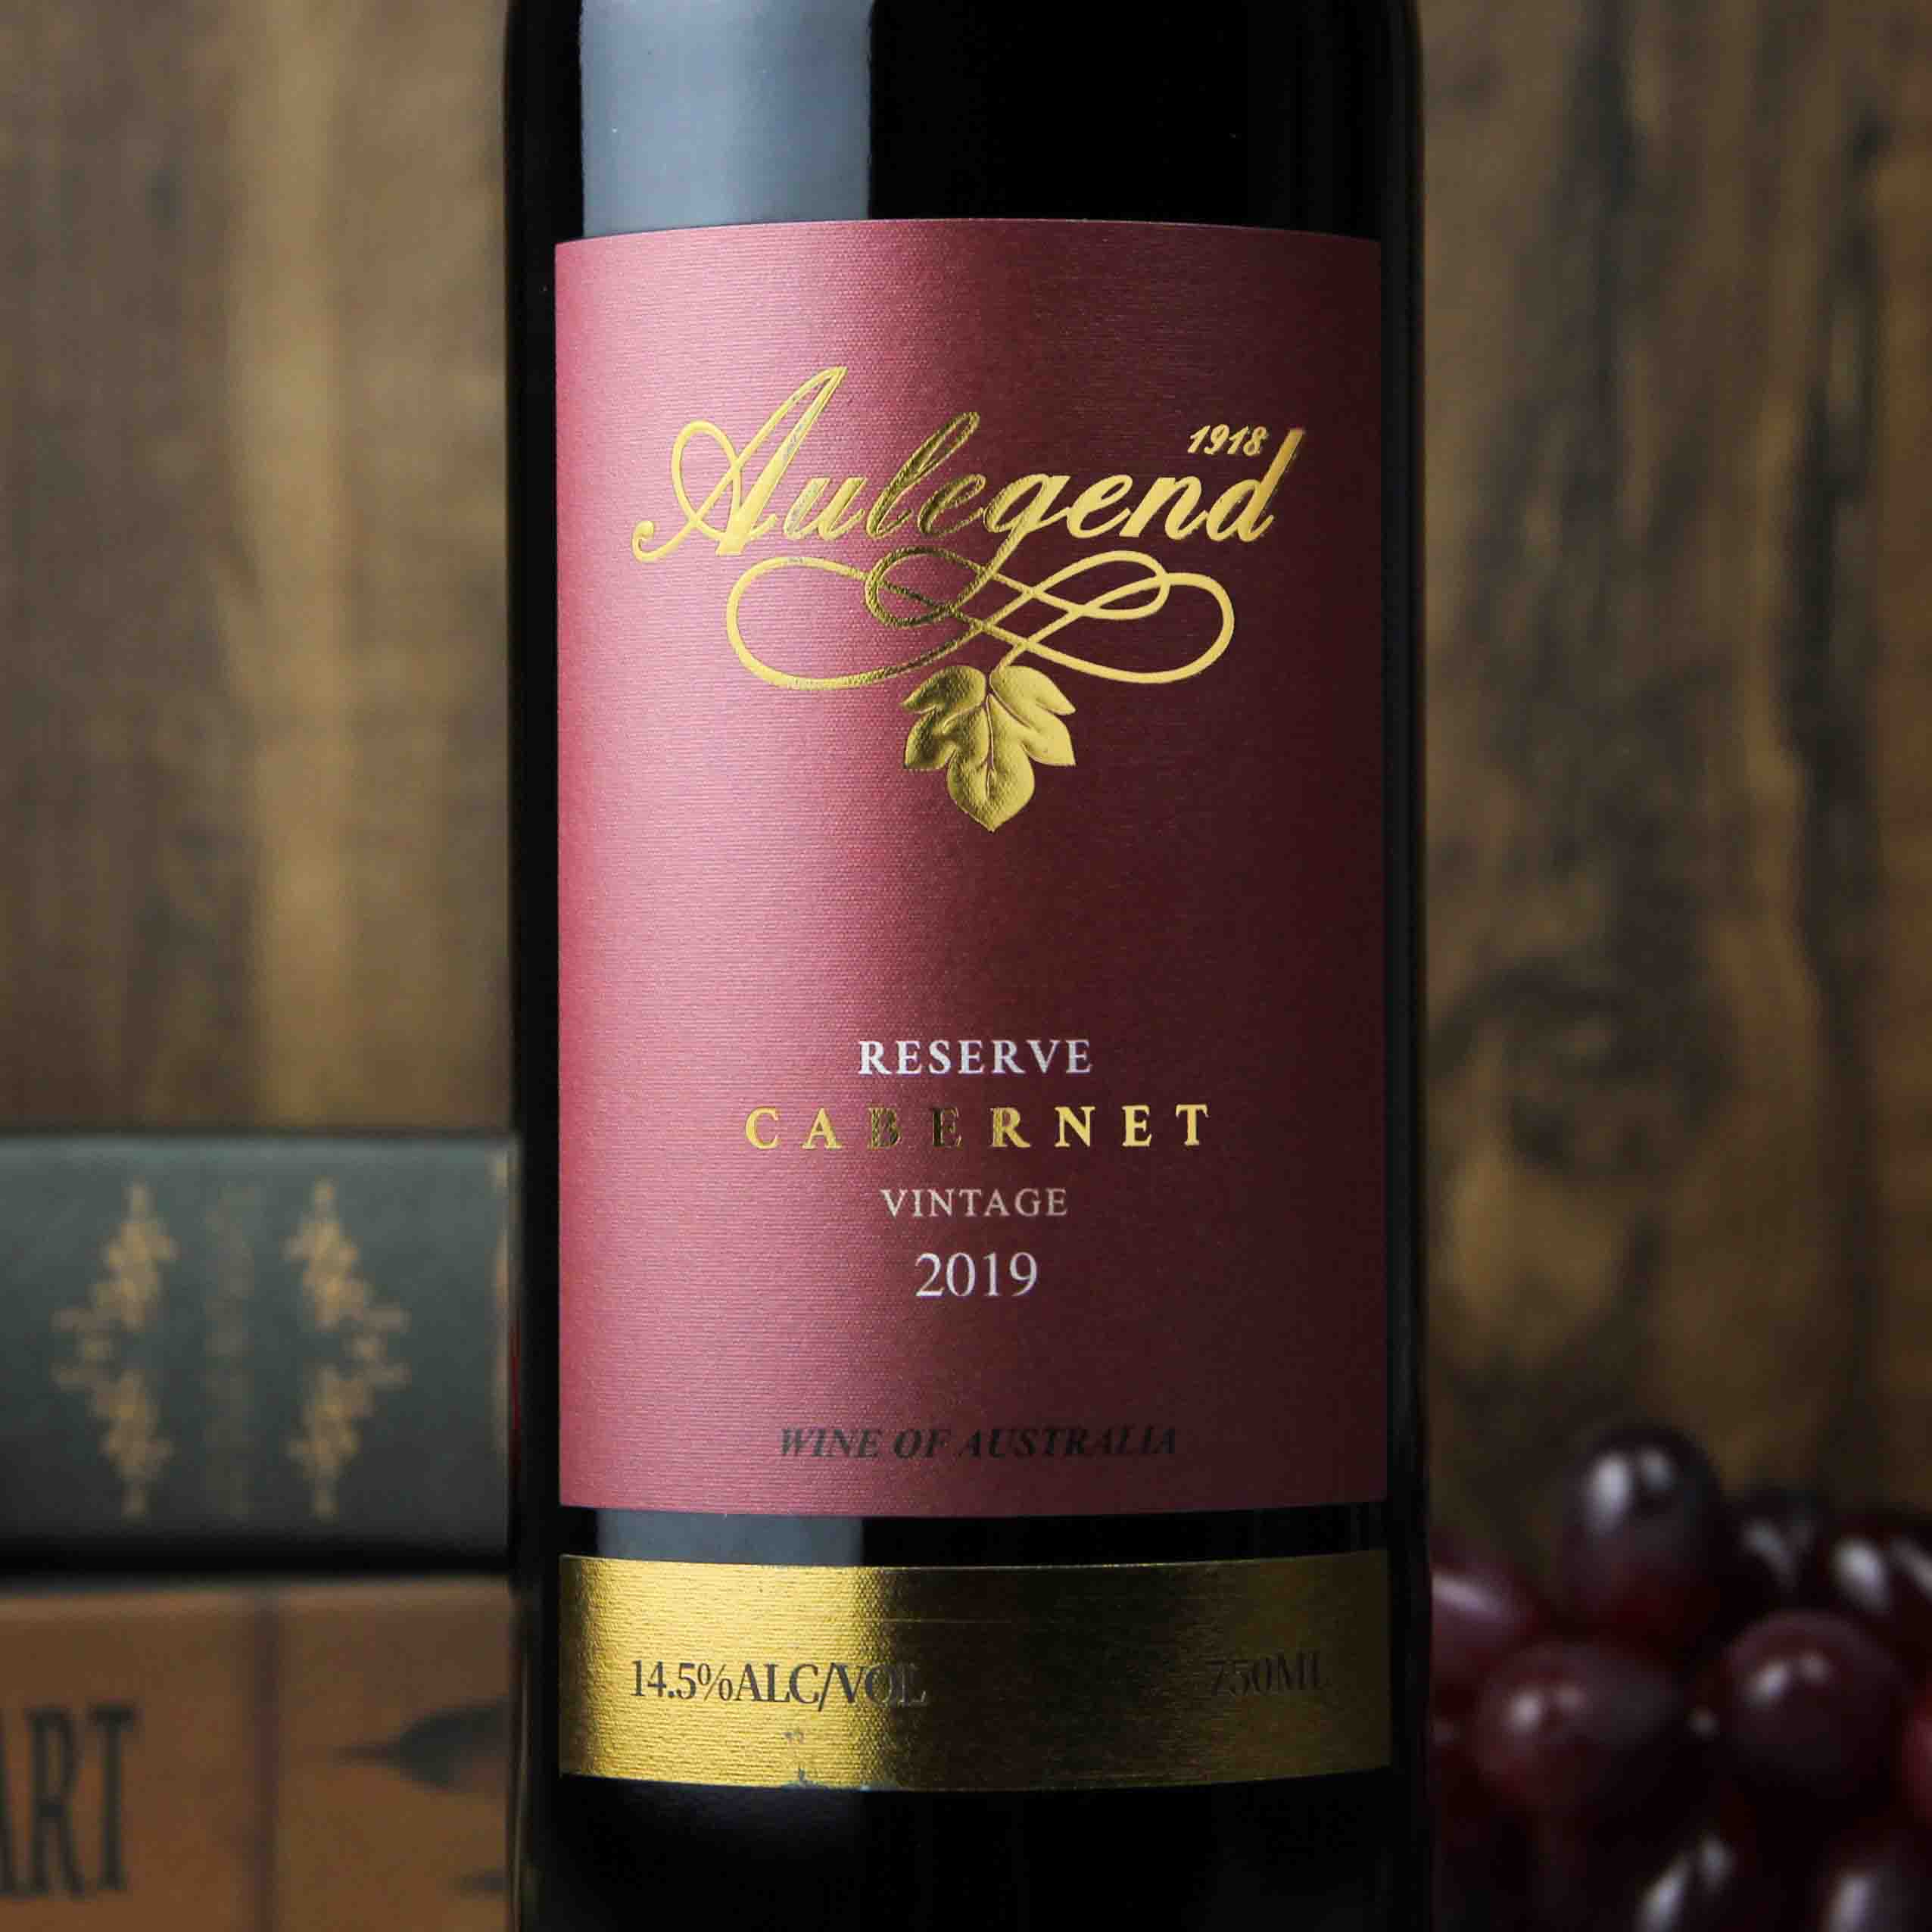 澳大利亚南澳·澳莱爵1918珍藏赤霞珠干红葡萄酒